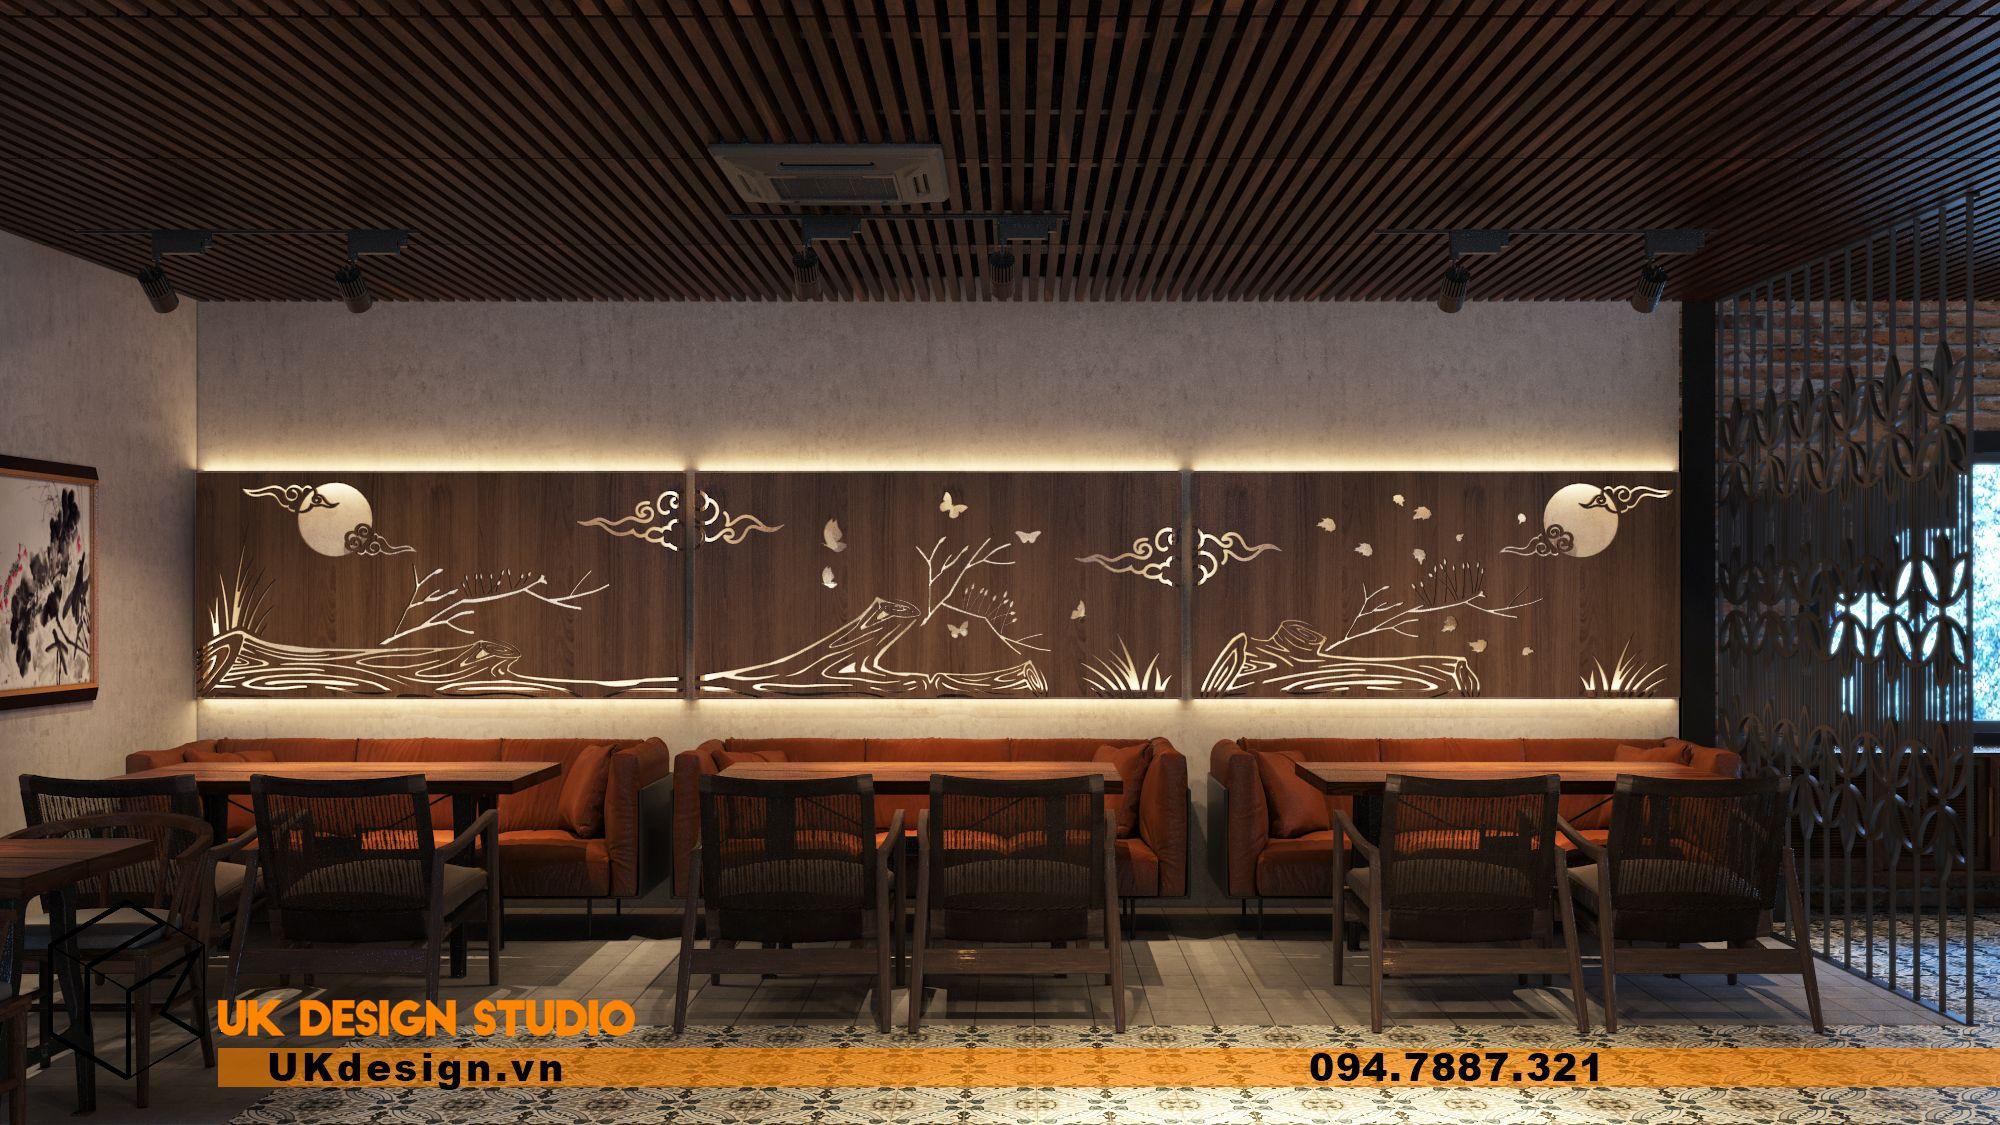 Thiết kế nhà hàng chay TÂM MỘC 18